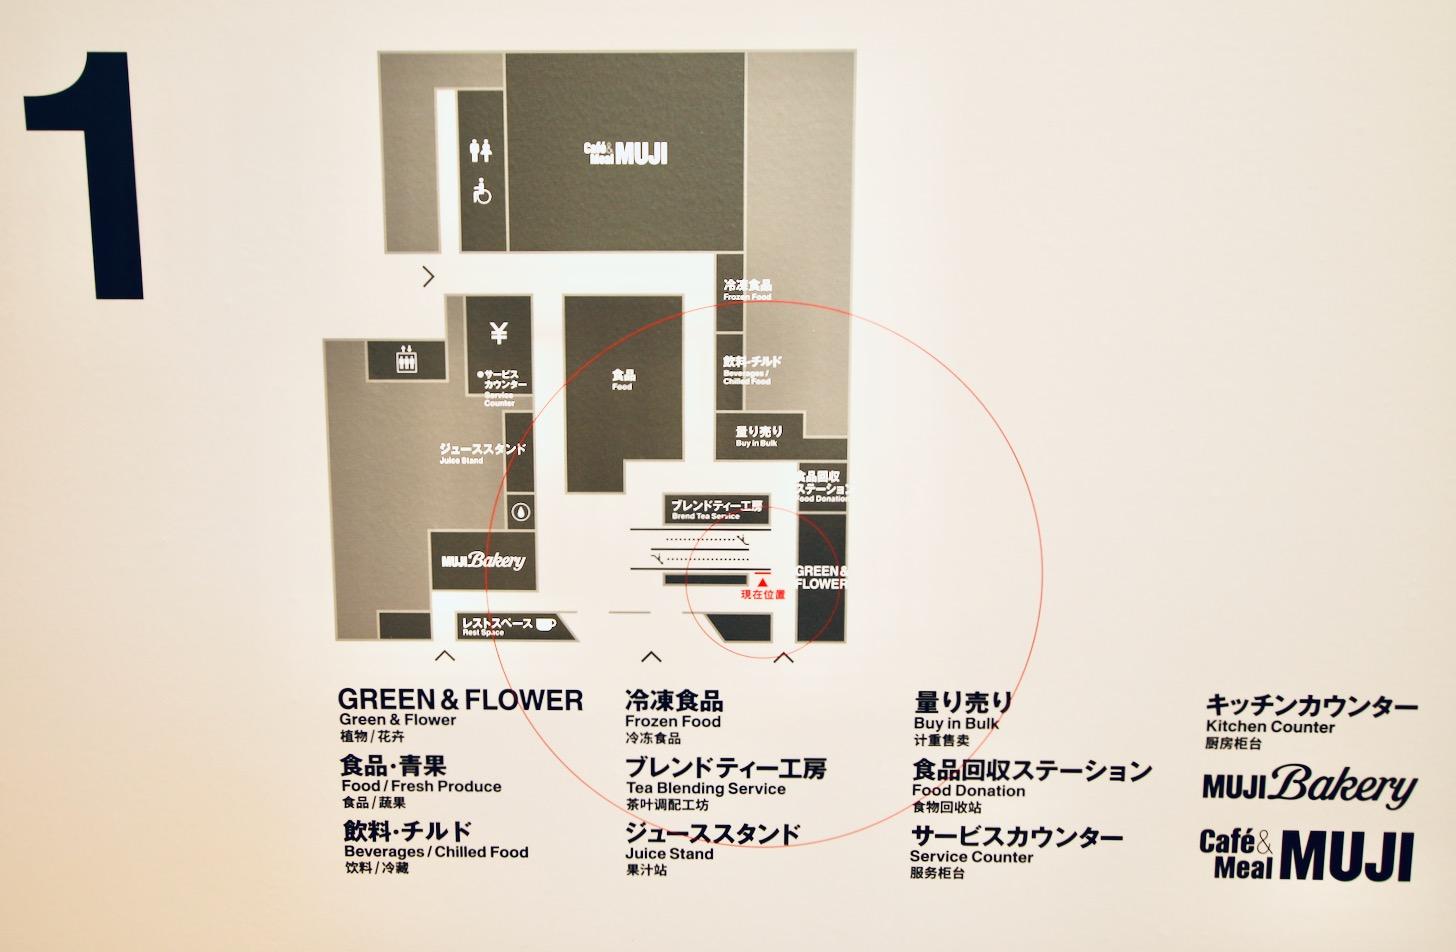 無印良品 東京有明1階フロアマップ